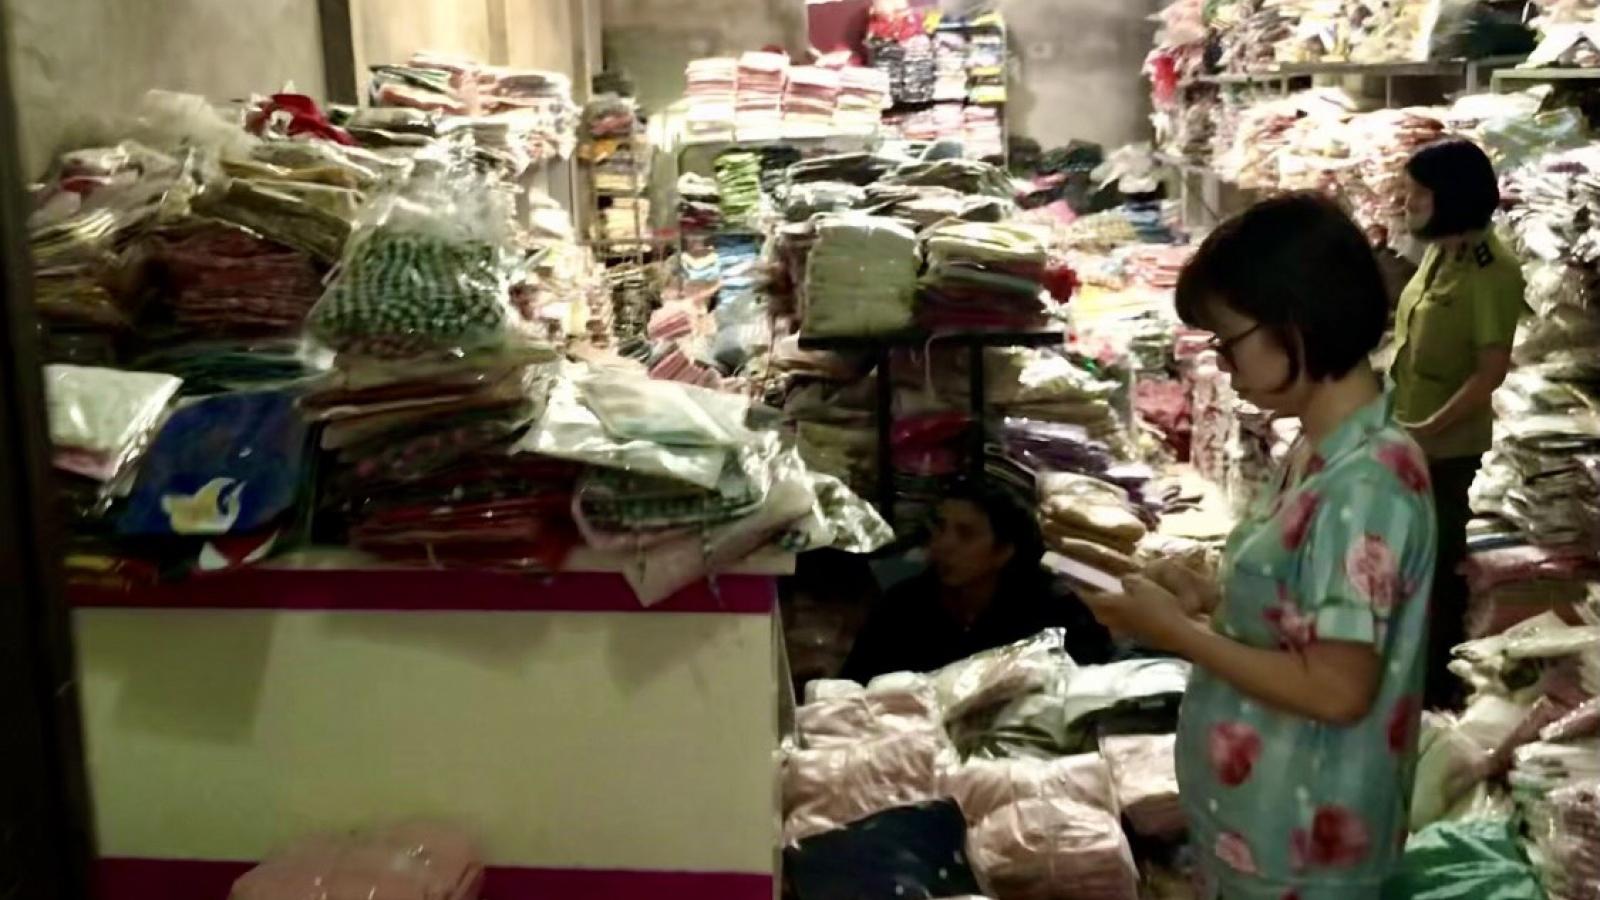 Quảng Ninh thu giữ gần 1.300 sản phẩm giả mạo nhãn hiệu nổi tiếng